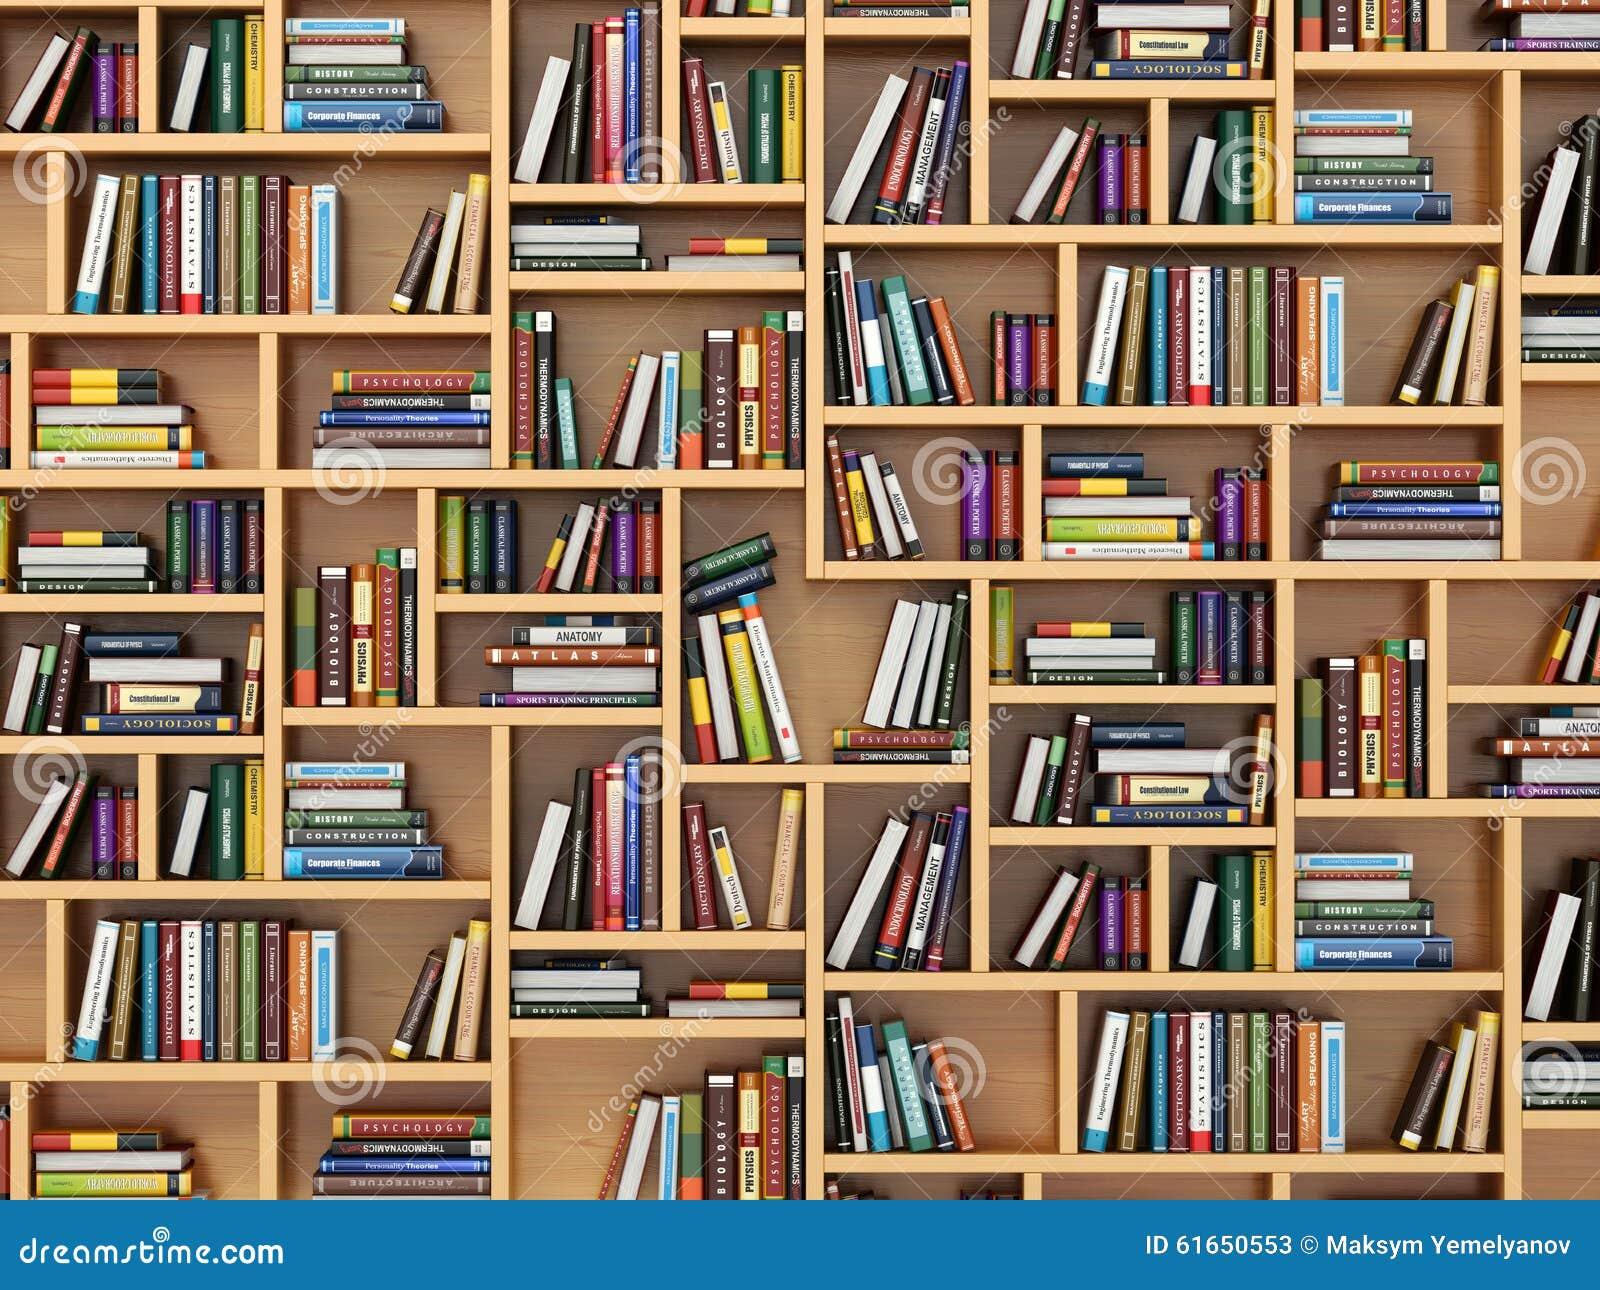 Bücherregal mit büchern  Getrennte Alte Bücher Bücher Und Lehrbücher Auf Dem Bücherregal ...